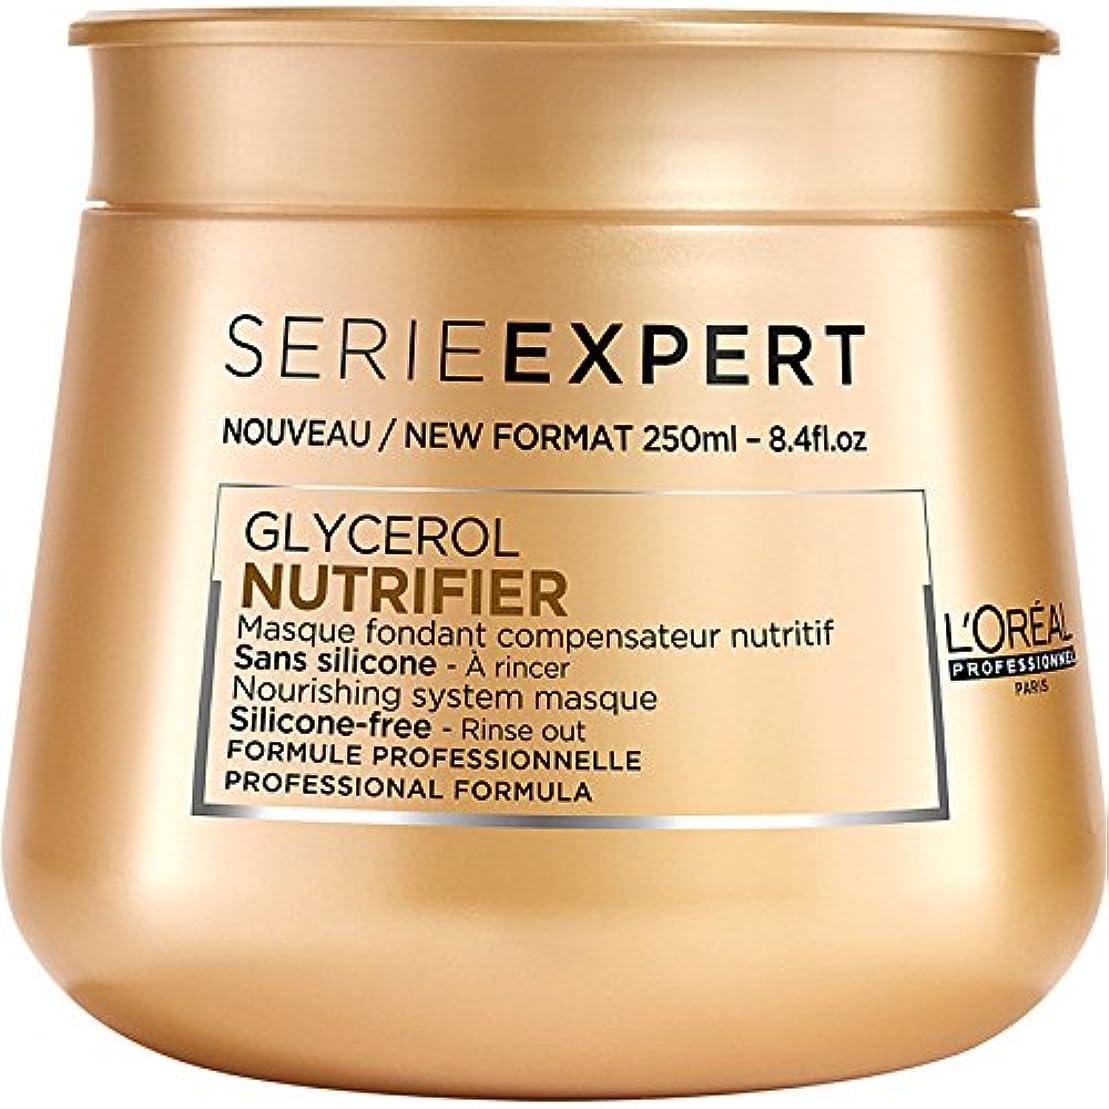 遅らせる永遠の一握りL'Oreal Serie Expert Glycerol NUTRIFIER Nourishing System Masque 250 ml [並行輸入品]